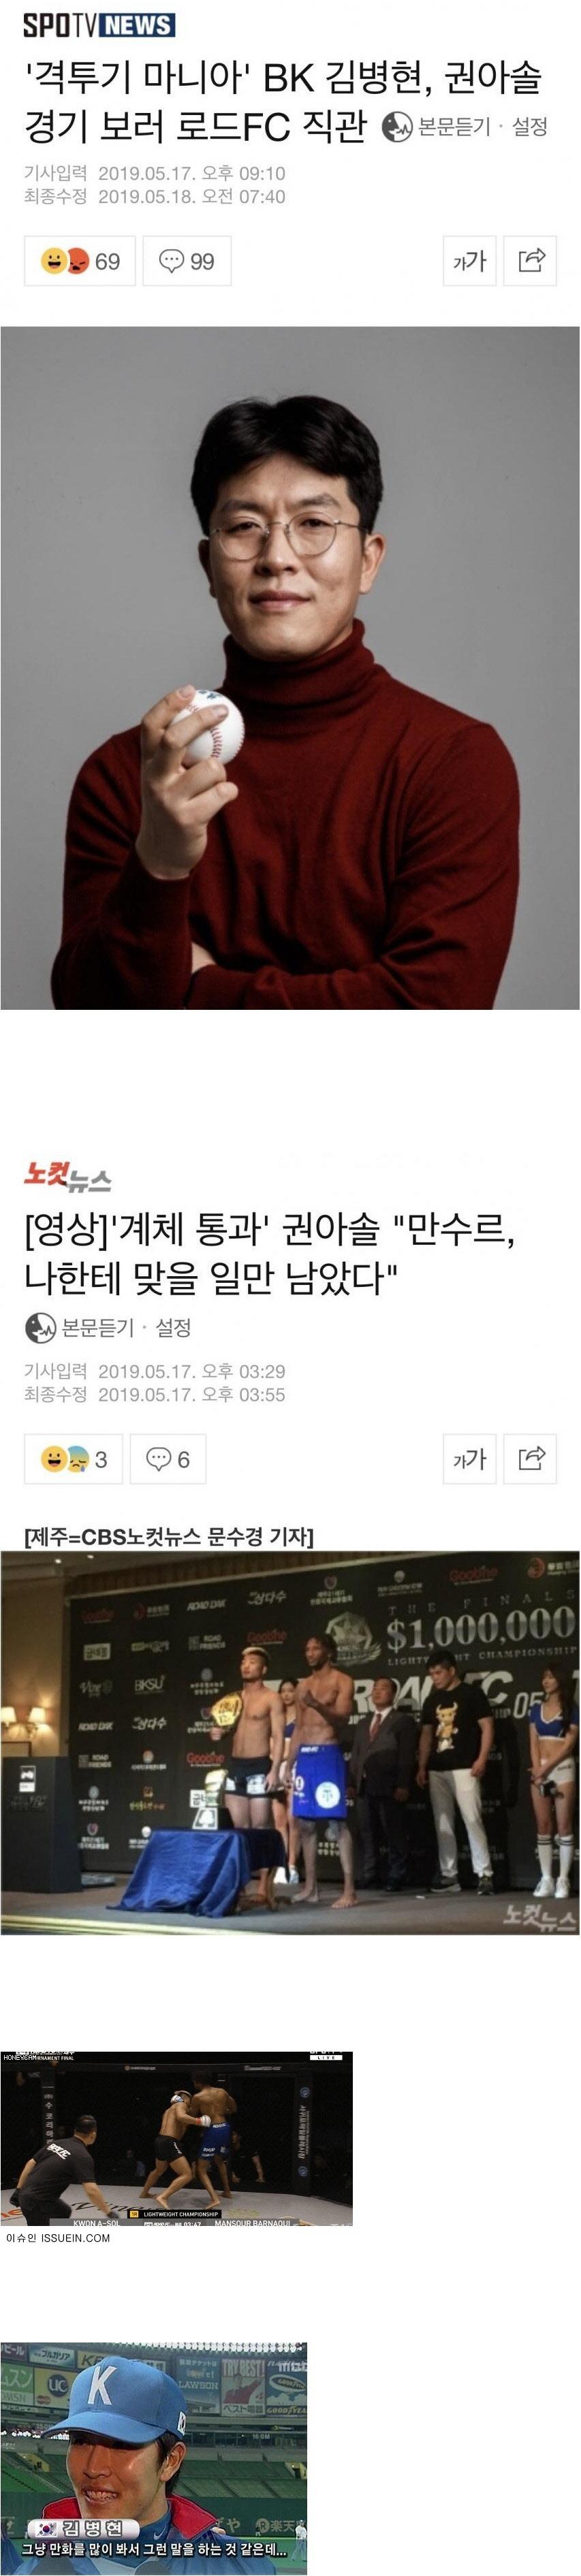 격투기 마니아 김병현